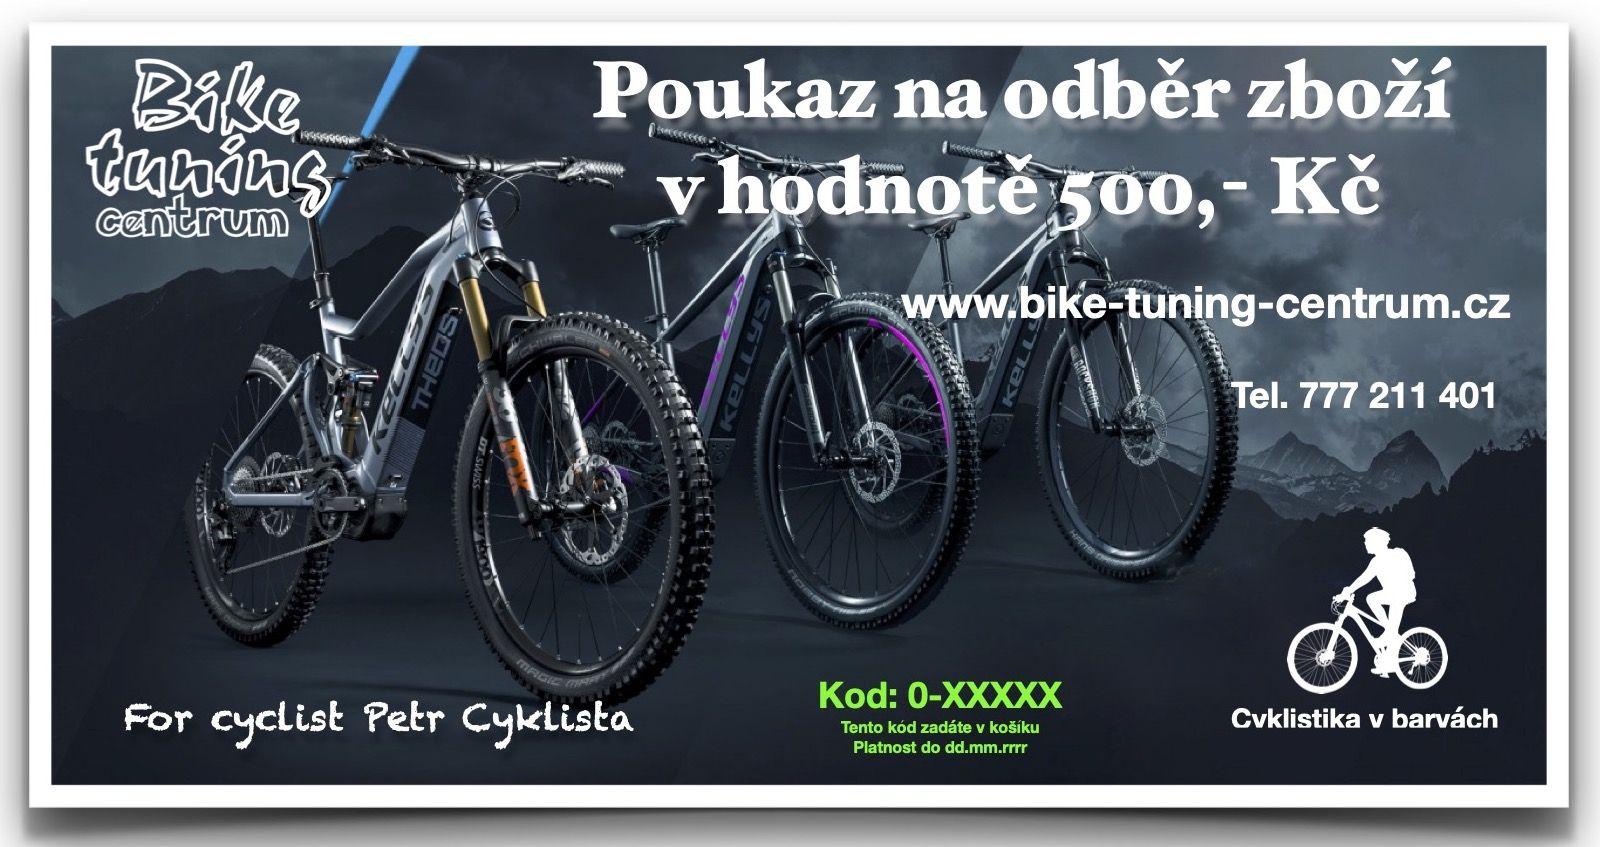 Dárkový poukaz v hodnotě 500,- Kč Bike tuning centrum